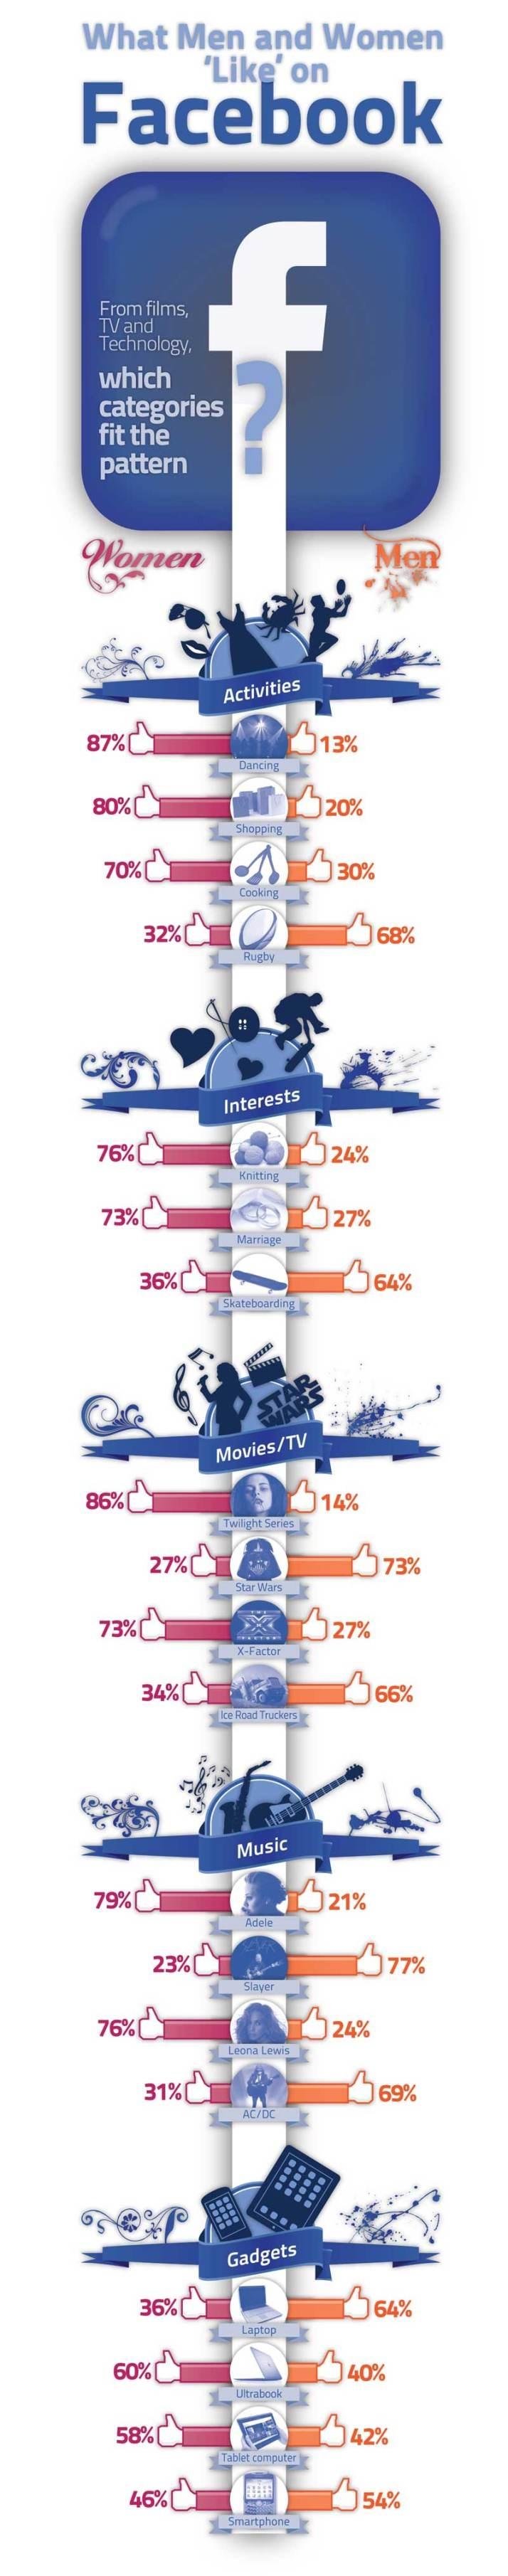 What men and women like on Facebook #infografia #infographic #socialmedia